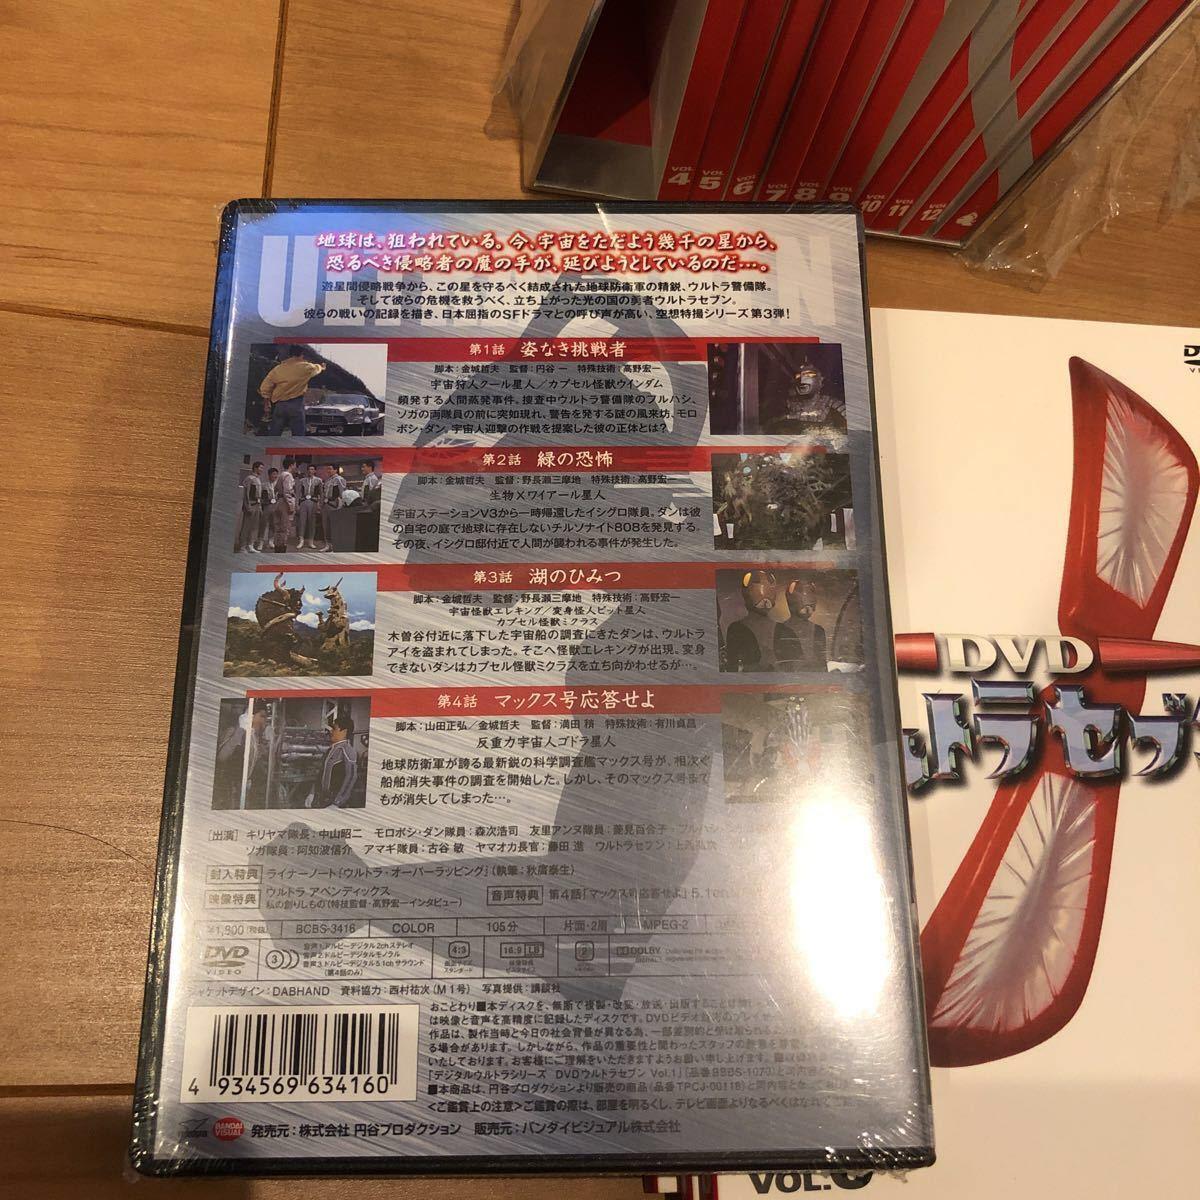 ウルトラセブン DVD BOX 初回生産限定版 ほぼ新品_画像7